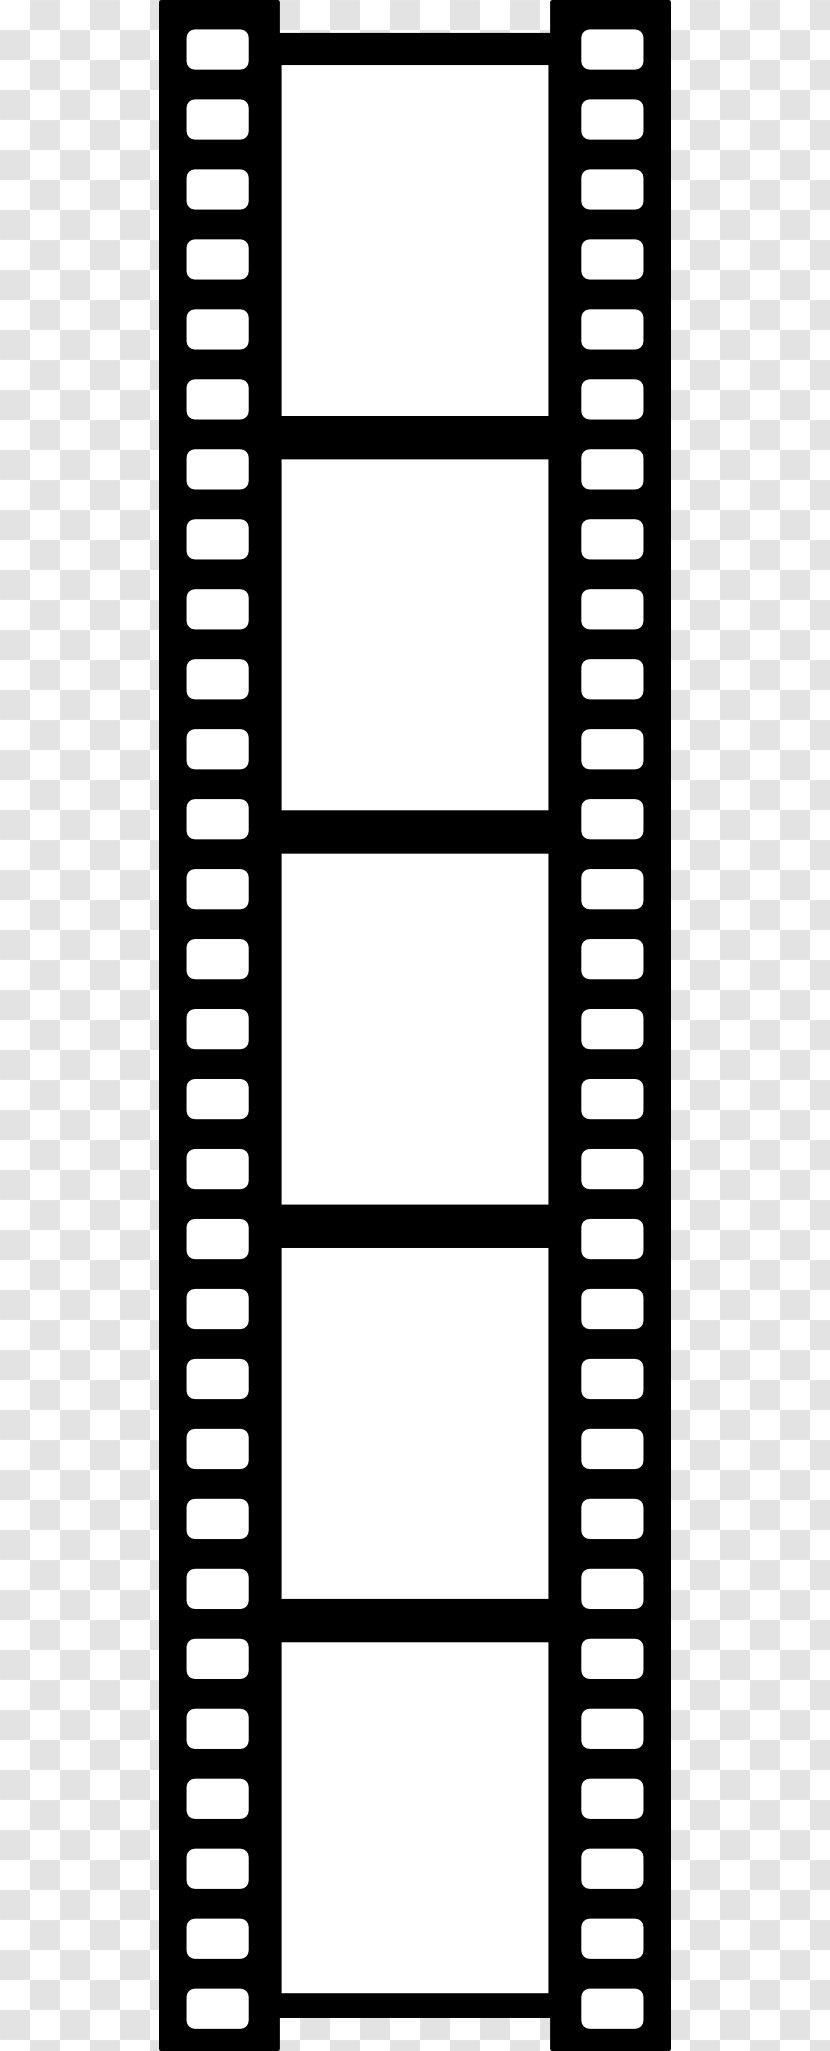 Film Reel Cinema Clip Art - Monochrome - Cliparts Transparent PNG